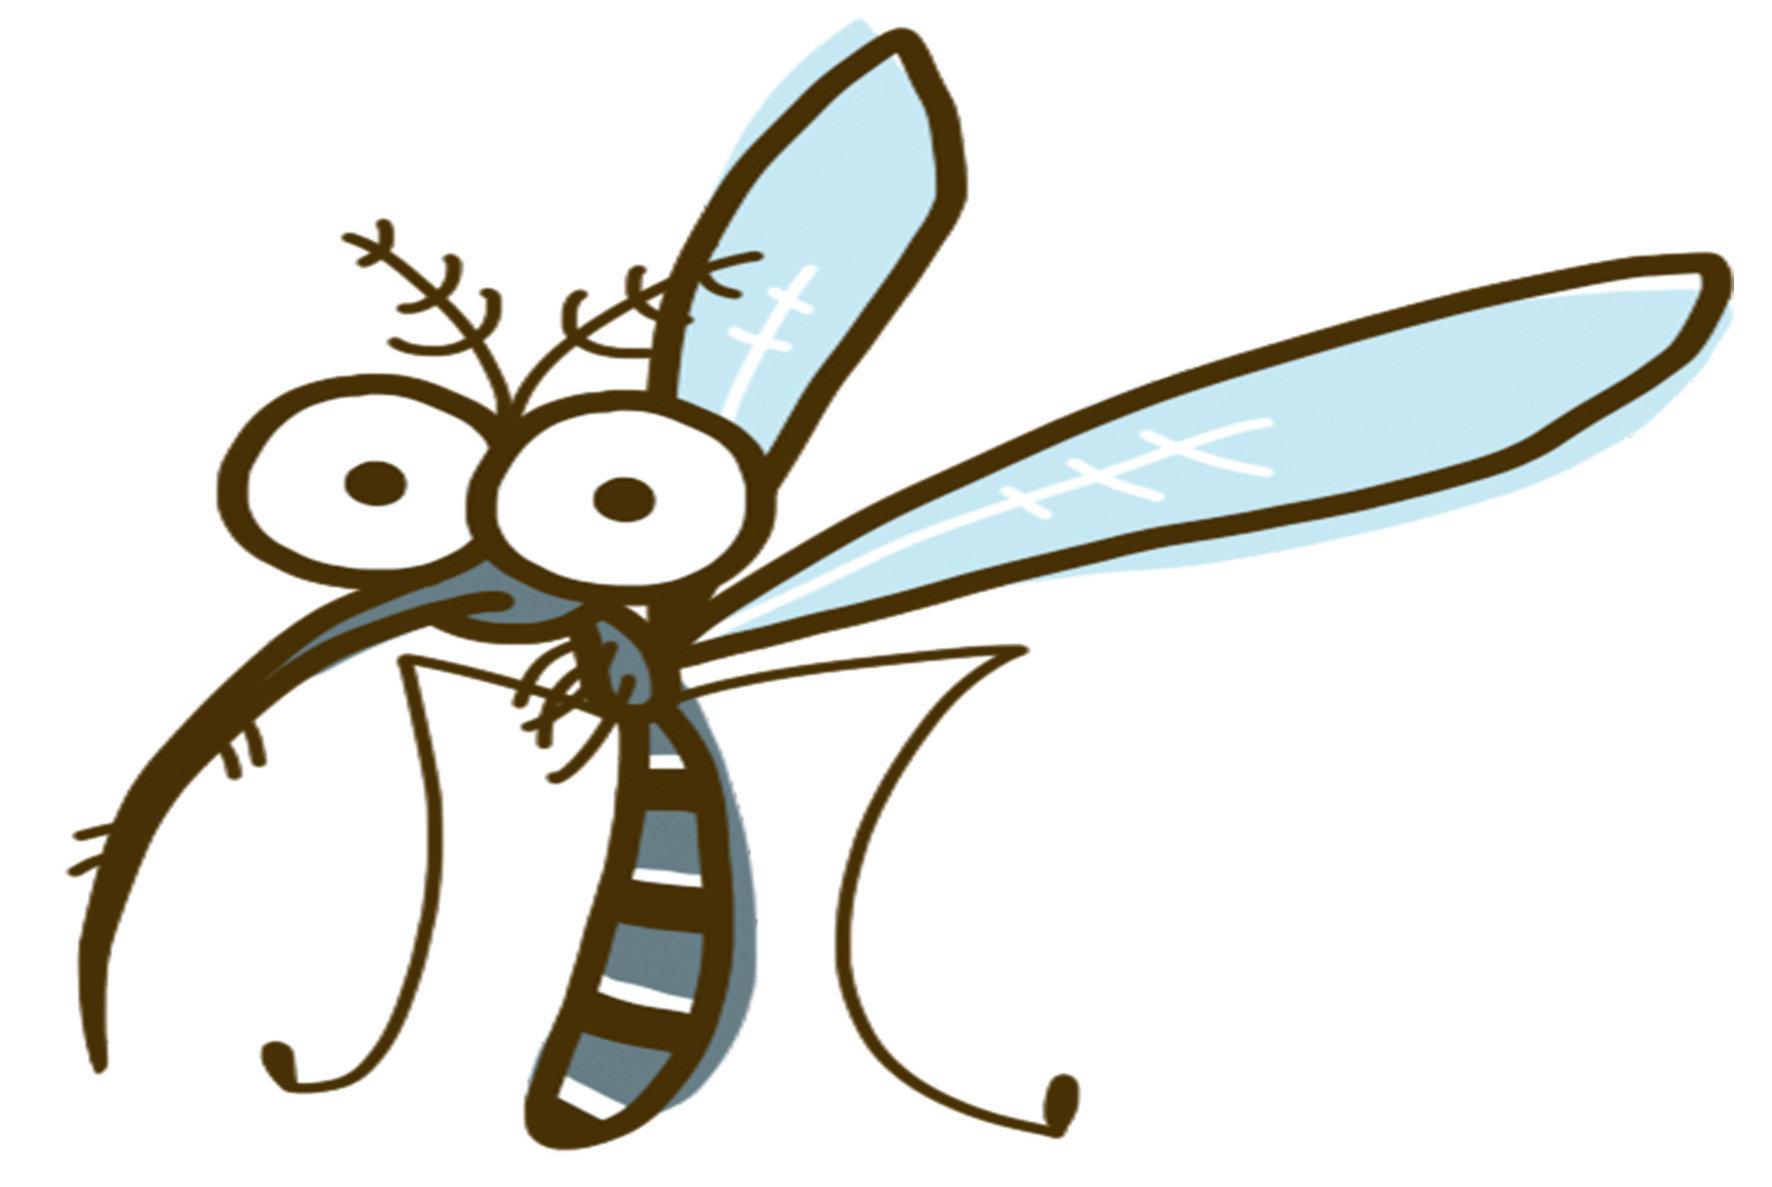 白線斑蚊體積較大,體長約5毫米左右,最為顯著的特徵是一雙黑白相間的長腳。因為只能在吸血後擁有產卵能力,因此它們會在白天不斷的尋找獵物。